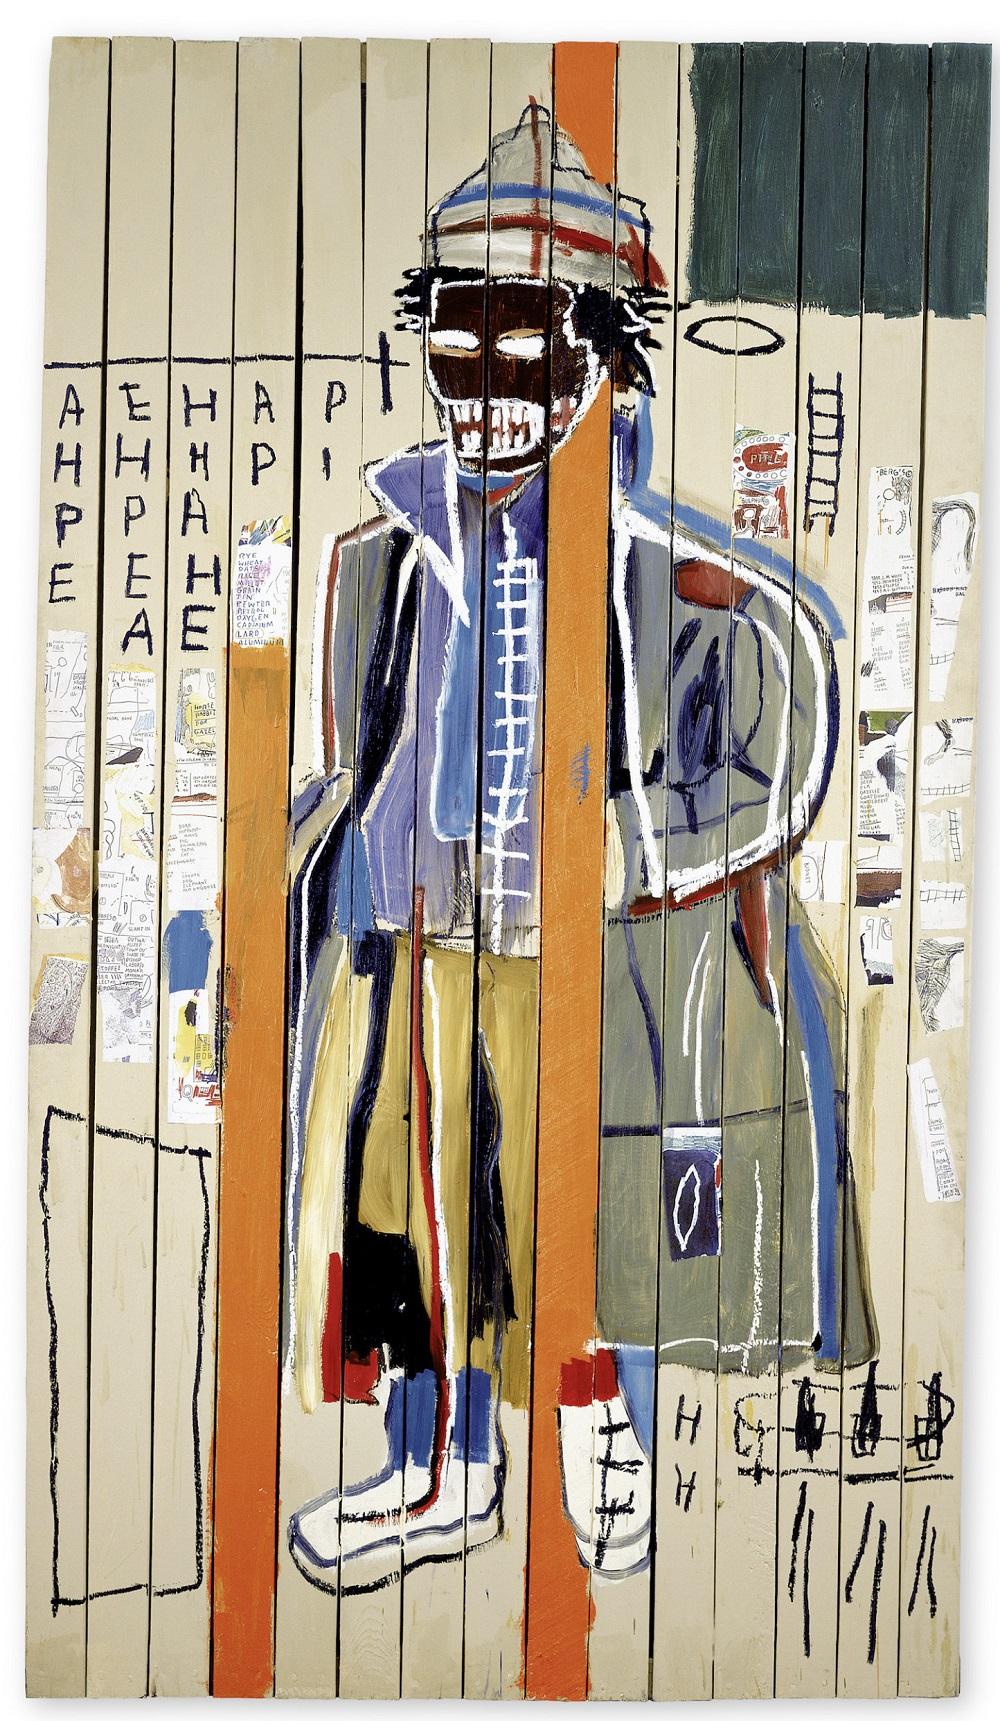 XL_Basquiat_01141_373-960x1376@2x.jpg